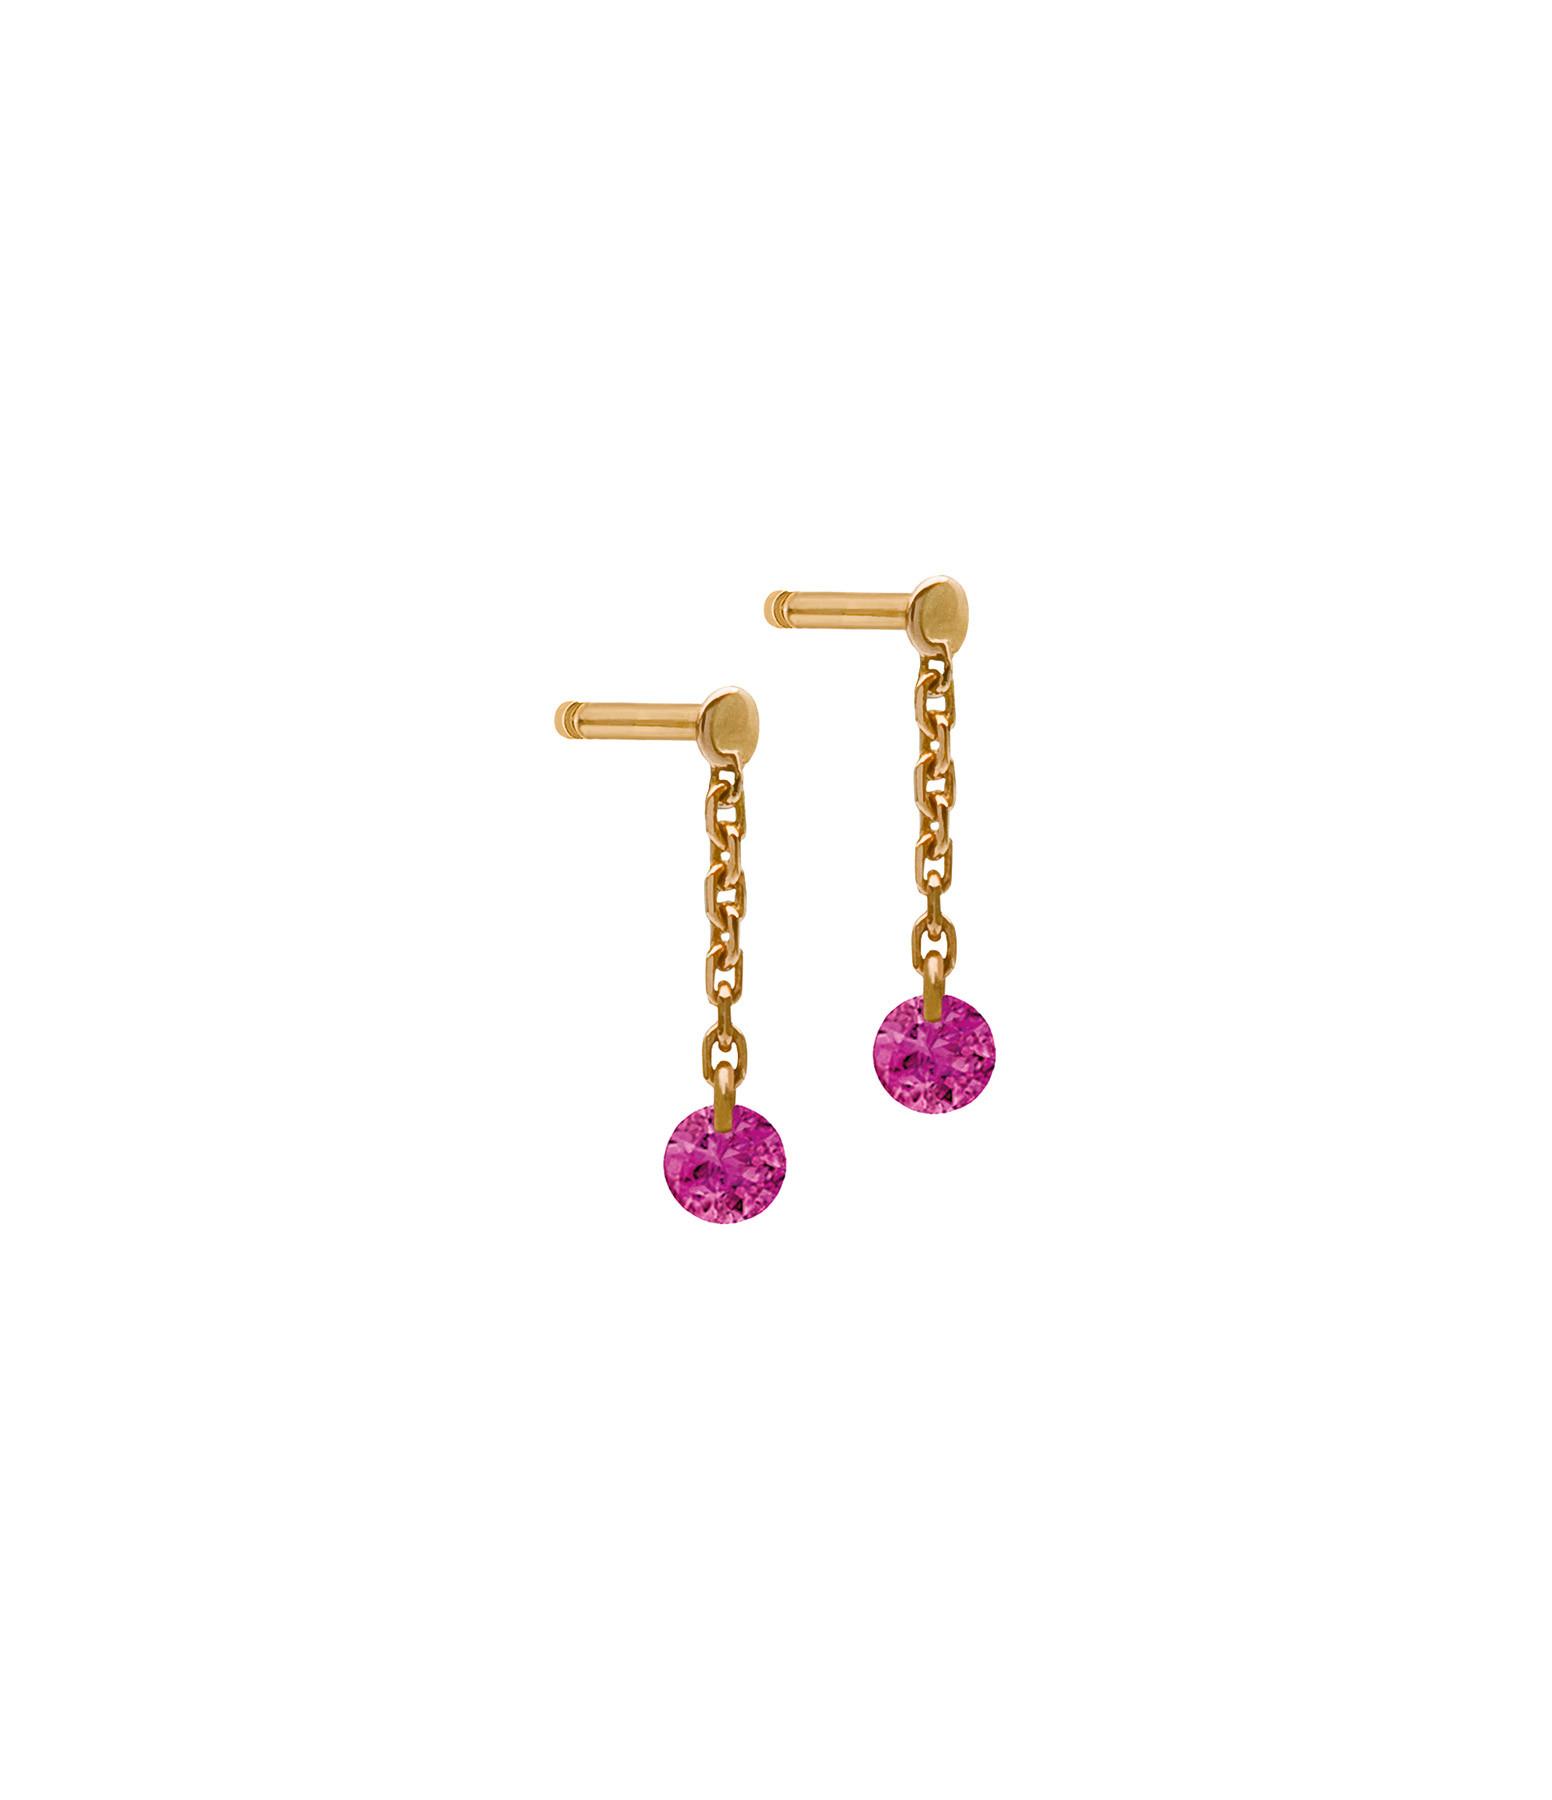 LA BRUNE & LA BLONDE - Boucles d'oreilles Confetti Rubis Or Rose